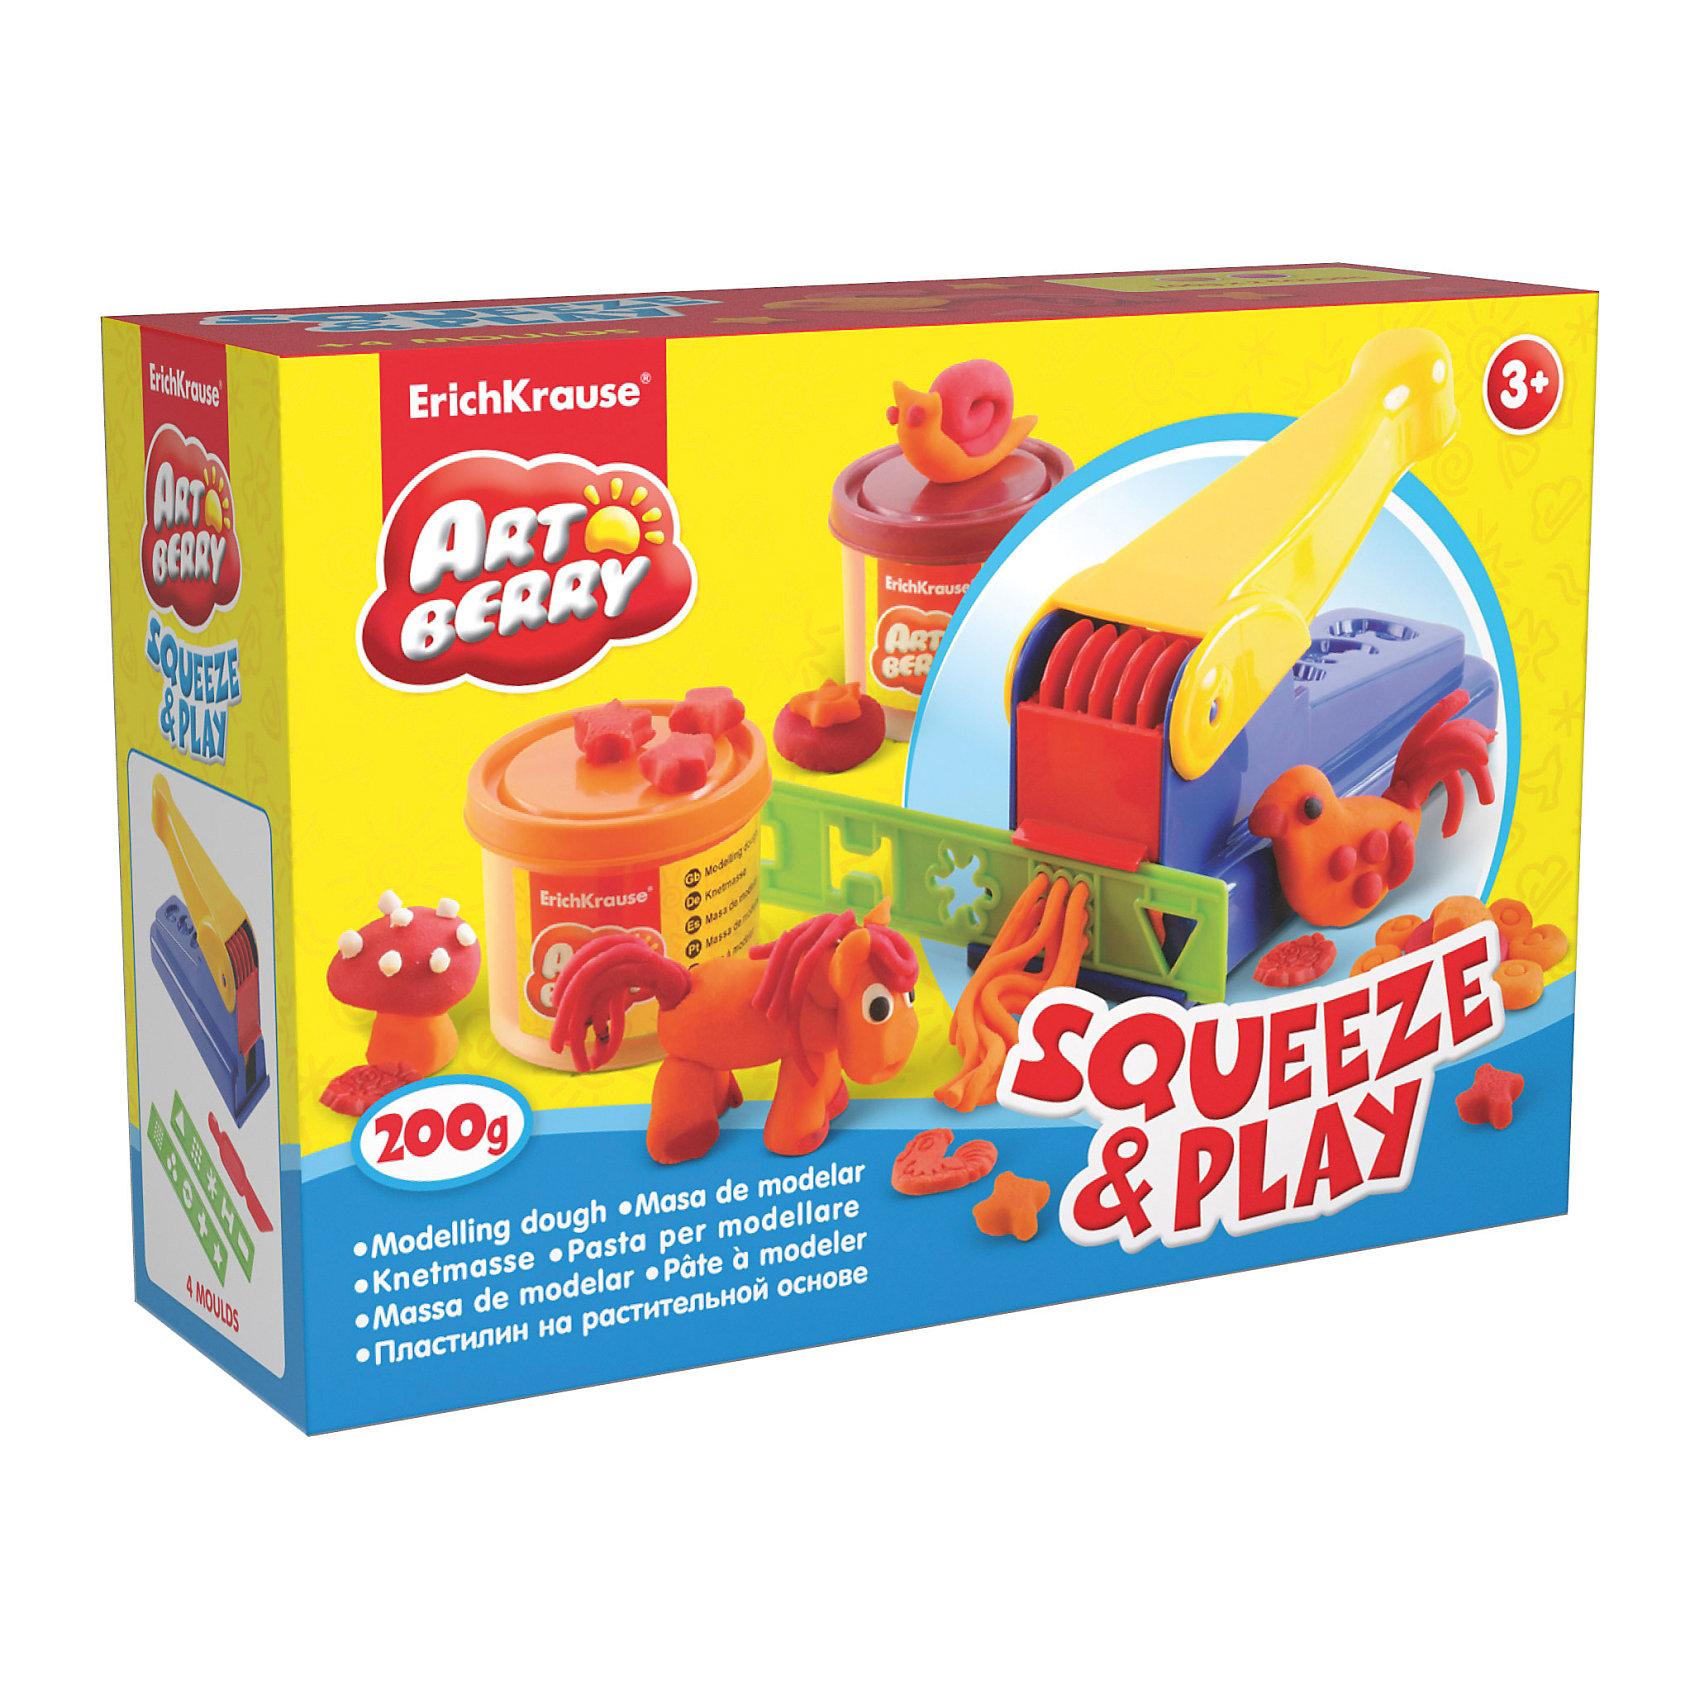 Набор для лепки: Пластилин на растительной основе Squeeze &amp; Play 2 цвета по 100гЛепка<br>Характеристики товара:<br><br>• материал: картонная коробка в термоплёнке<br>• в комплект входит: 2 цвета пластилина по 100 г + пресс для пластилина, 2 декоративные линейки, стек<br>• возраст: от 3 лет<br>• габариты упаковки: 22,5х15,3х7,6 см<br>• вес: 529 г<br>• страна производитель: Россия<br><br>Натуральная продукция – настоящая находка для детского творчества. Так. Пластилин на растительной основе станет любимым материалов для творчества у вашего малыша. Мягкий, приятный для тактильного восприятия, он станет фаворитом среди пластилинов у малыша.<br><br>Набор для лепки: Пластилин на растительной основе Squeeze &amp; Play 2 цвета по 100 г, можно купить в нашем интернет-магазине.<br><br>Ширина мм: 225<br>Глубина мм: 153<br>Высота мм: 76<br>Вес г: 529<br>Возраст от месяцев: 36<br>Возраст до месяцев: 2147483647<br>Пол: Унисекс<br>Возраст: Детский<br>SKU: 3293864